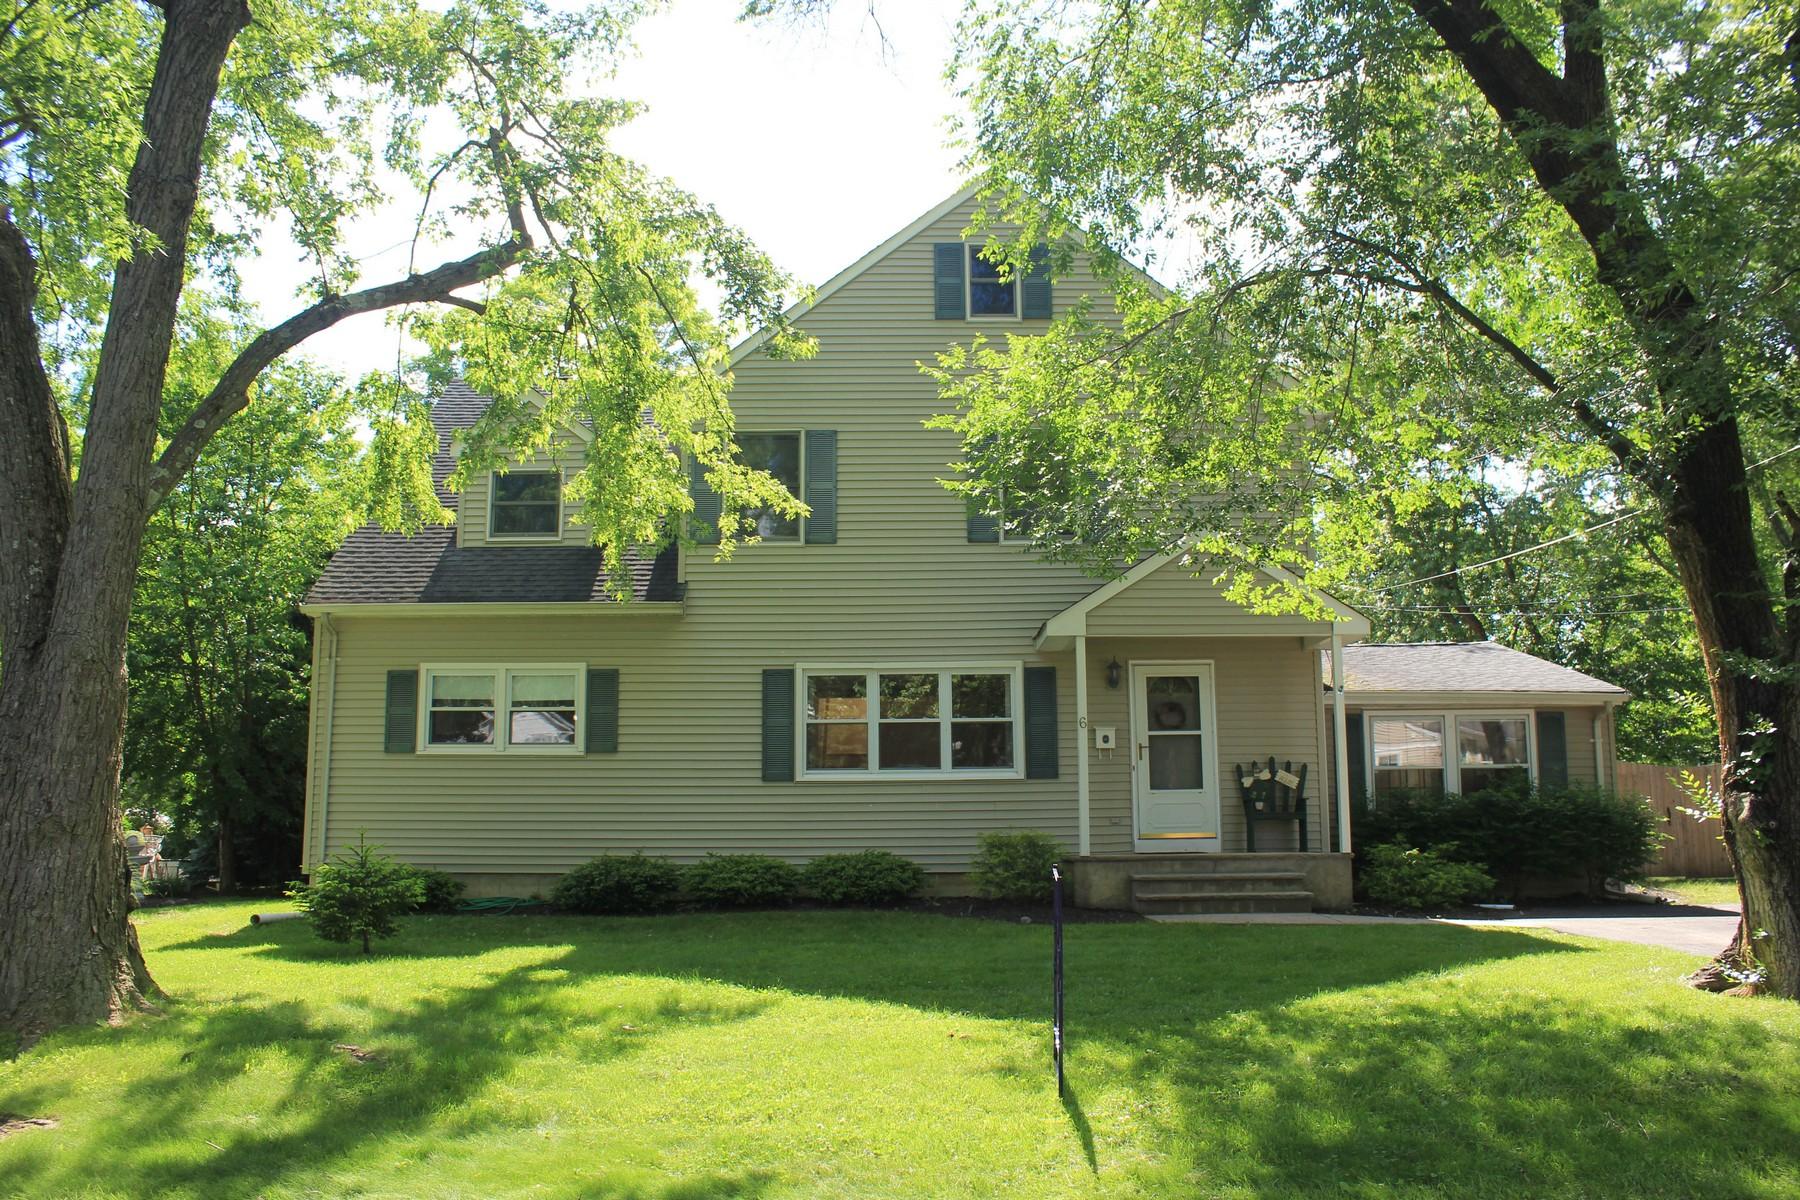 独户住宅 为 销售 在 6 Jefferson St, Red Bank 6 Jefferson St. 雷德班克, 新泽西州 07701 美国